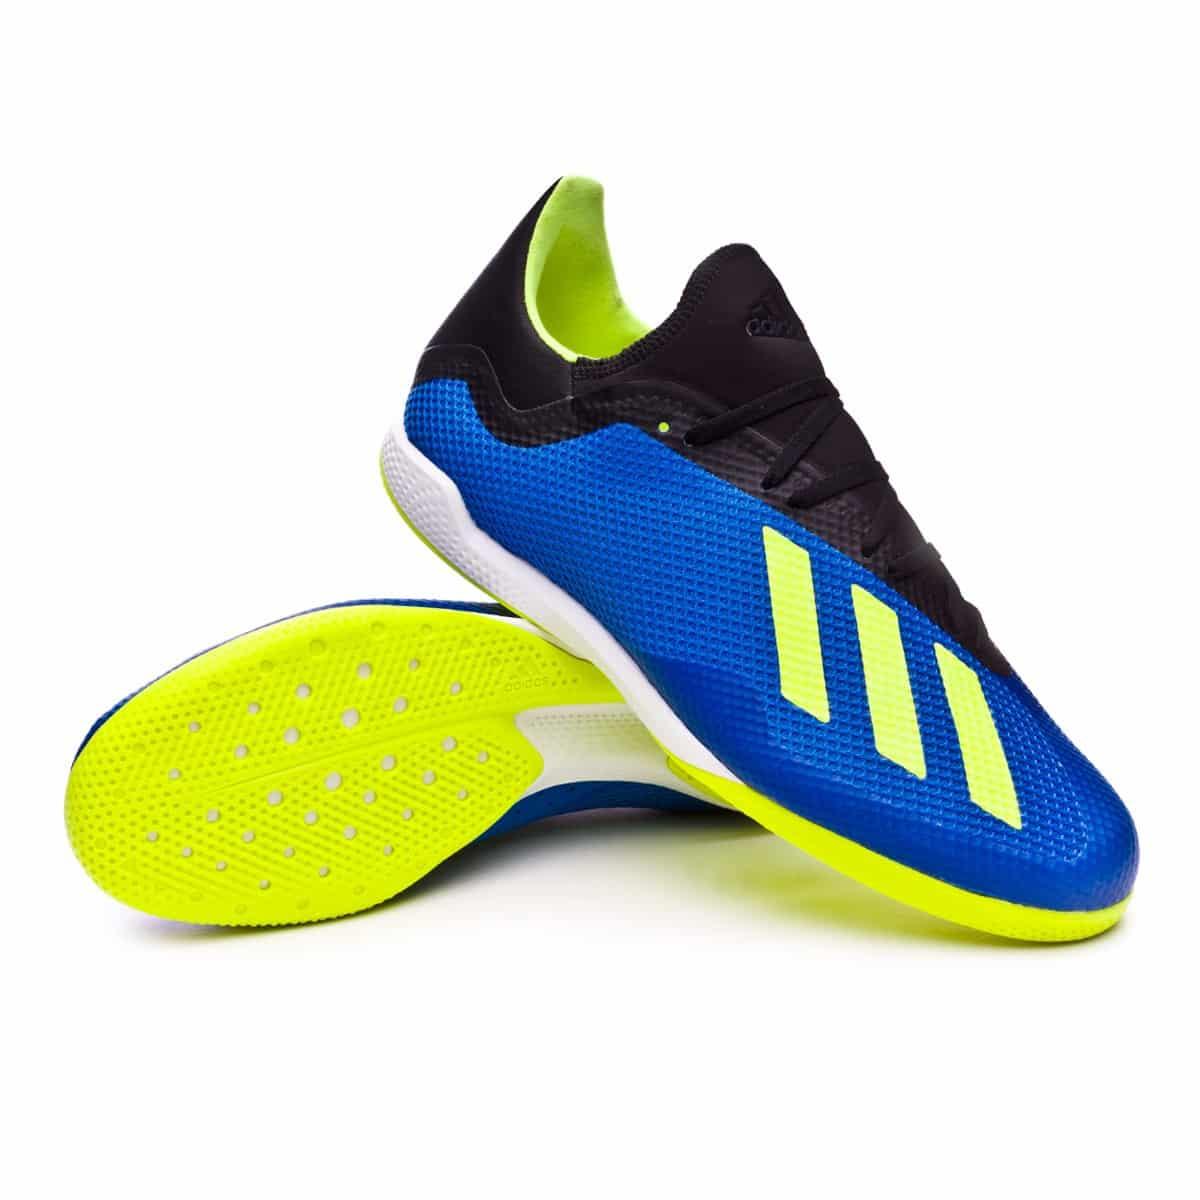 Adidas-X-18.3-Indoor-Sepatu-Futsal